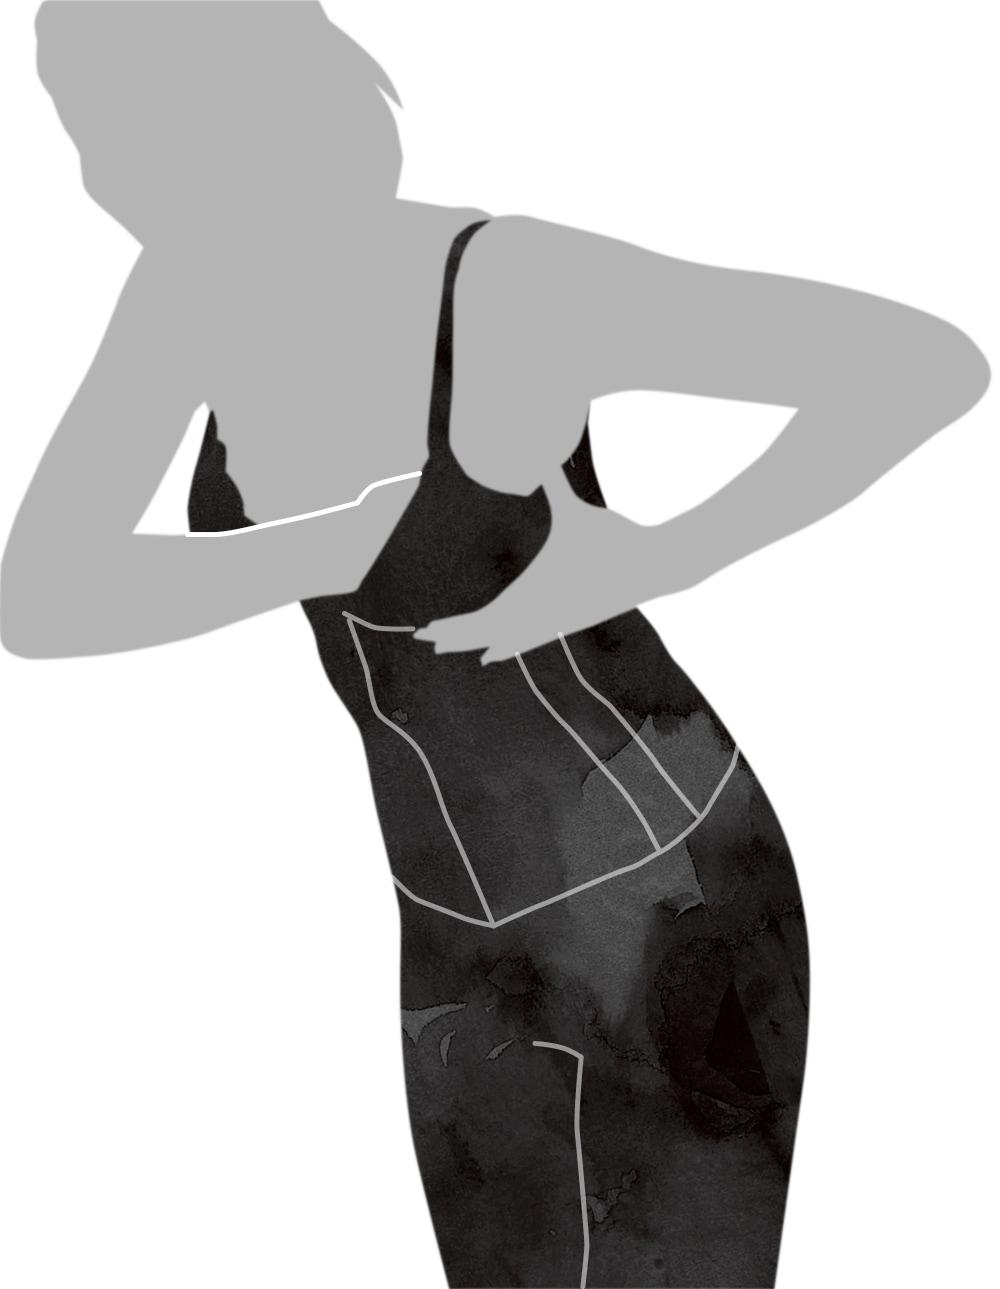 ウエストニッパーの着用方法応用編-5